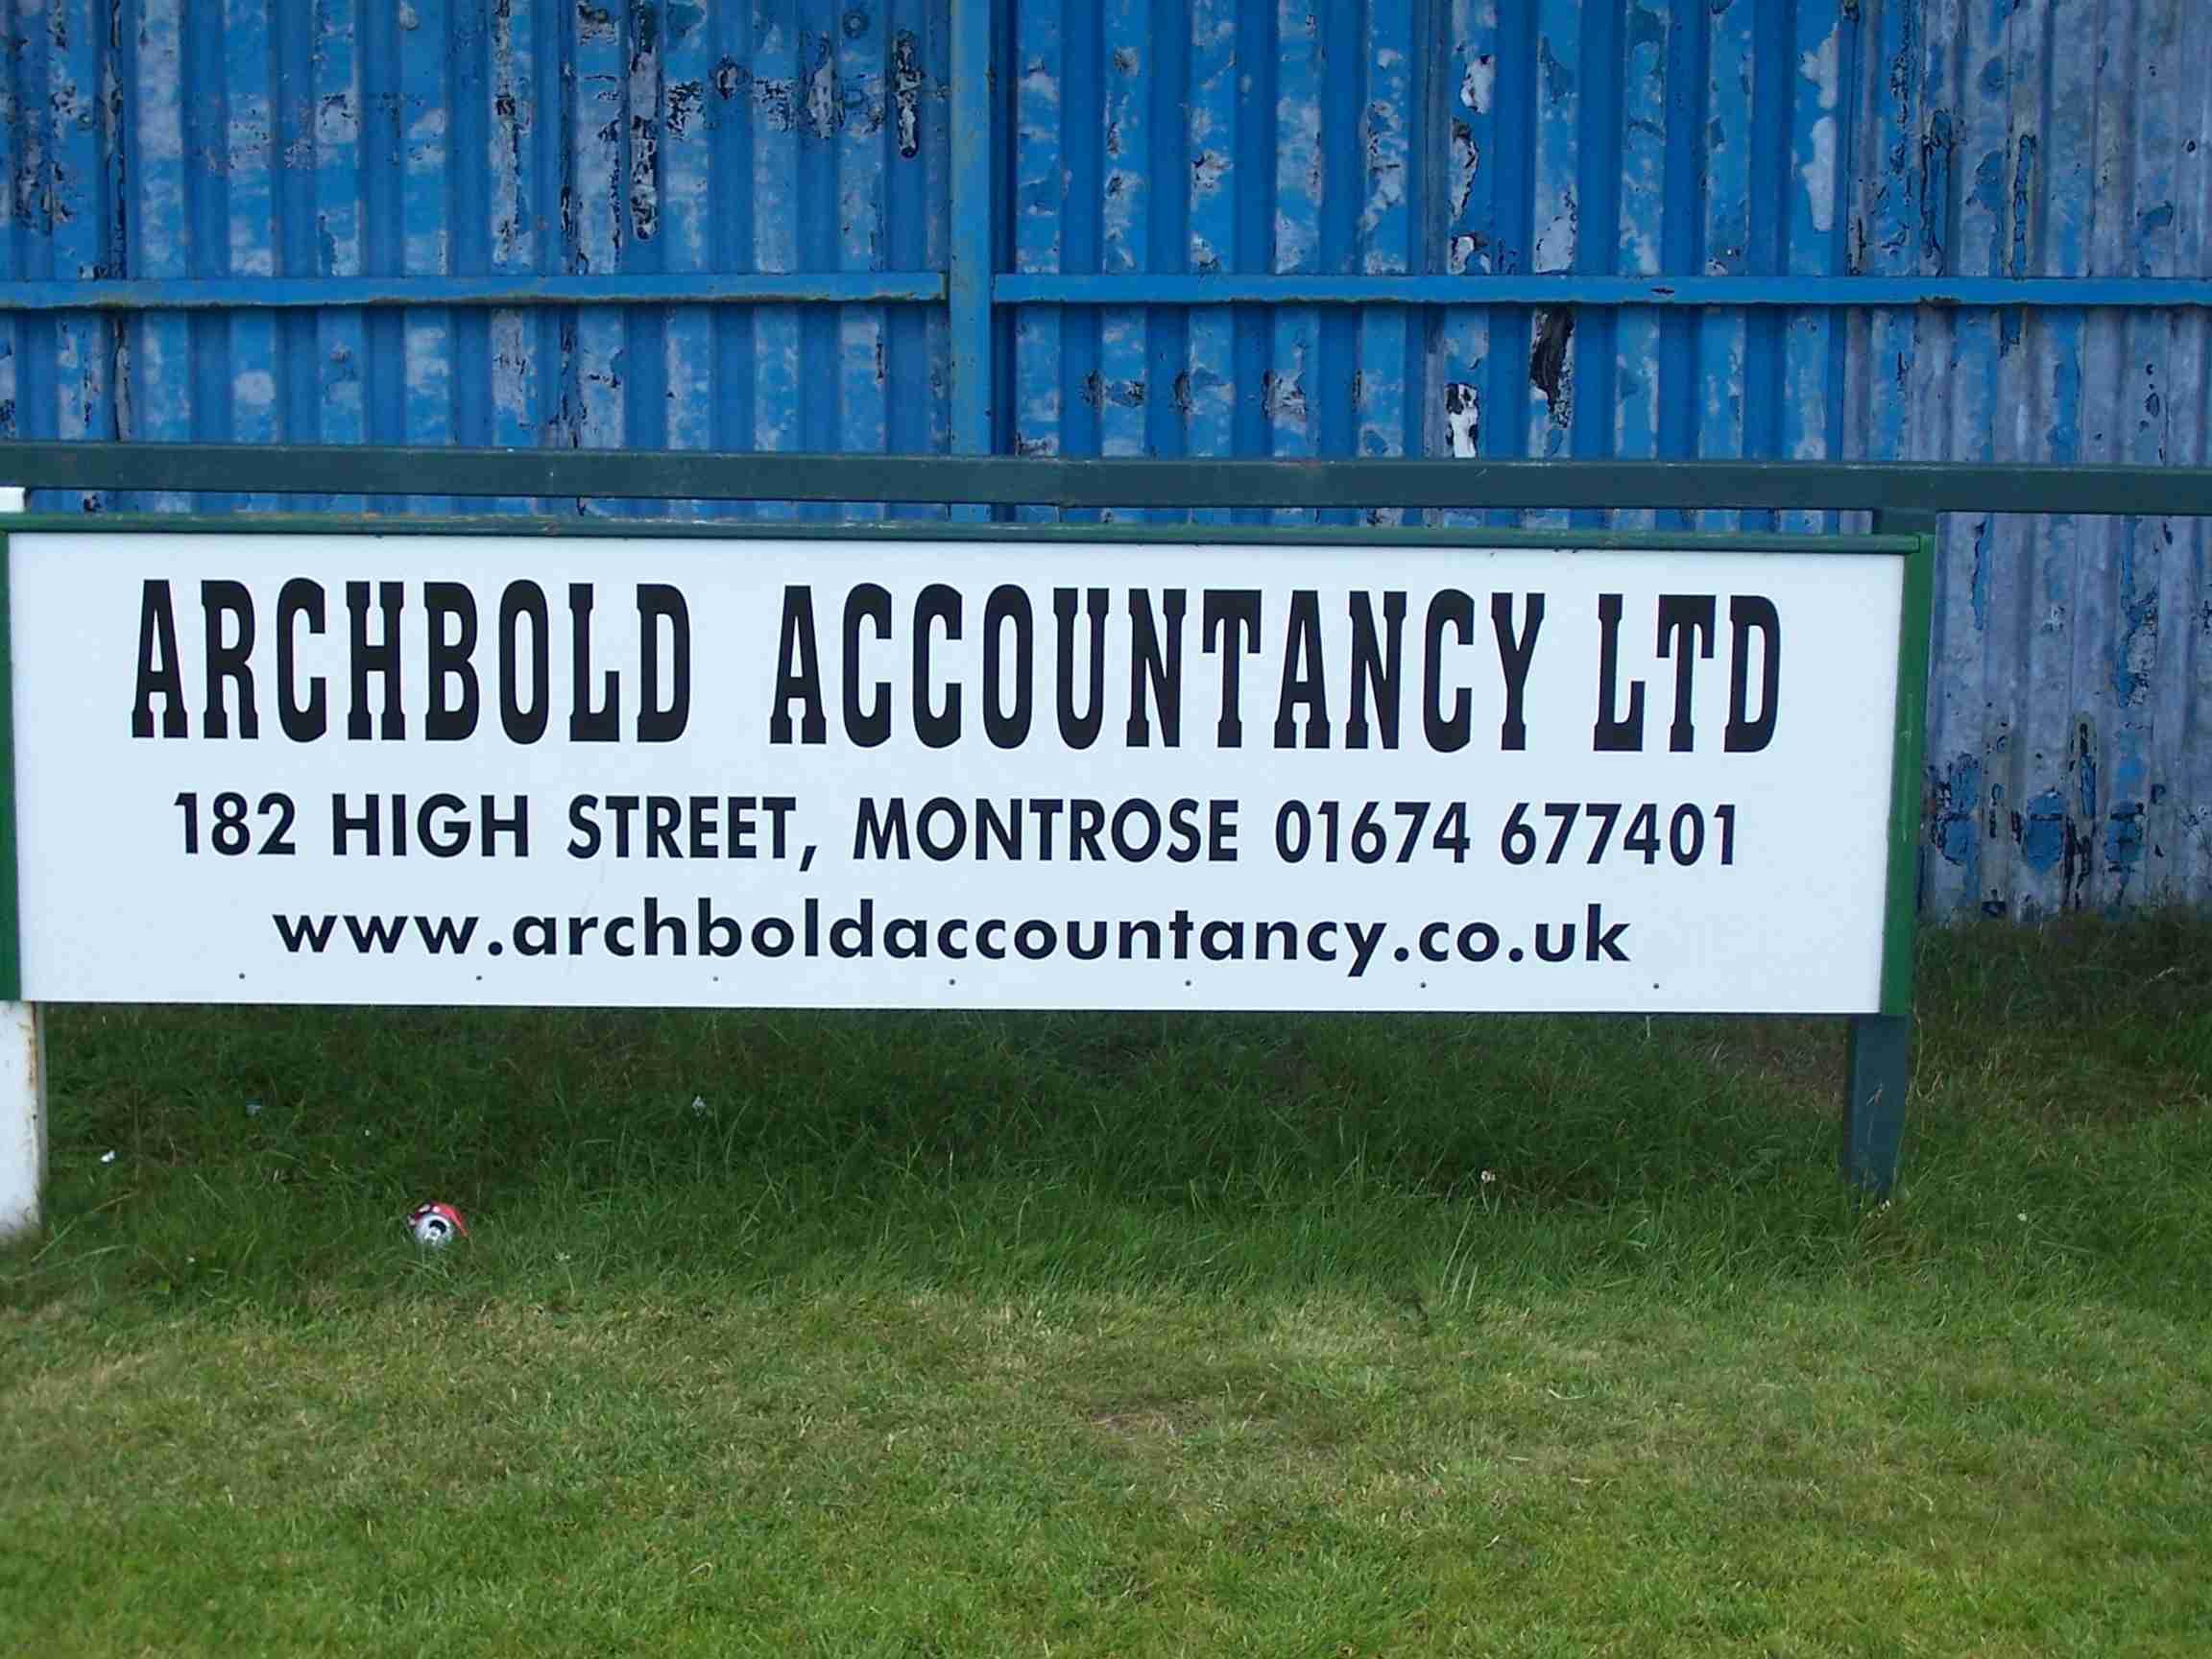 Archbold Accountancy